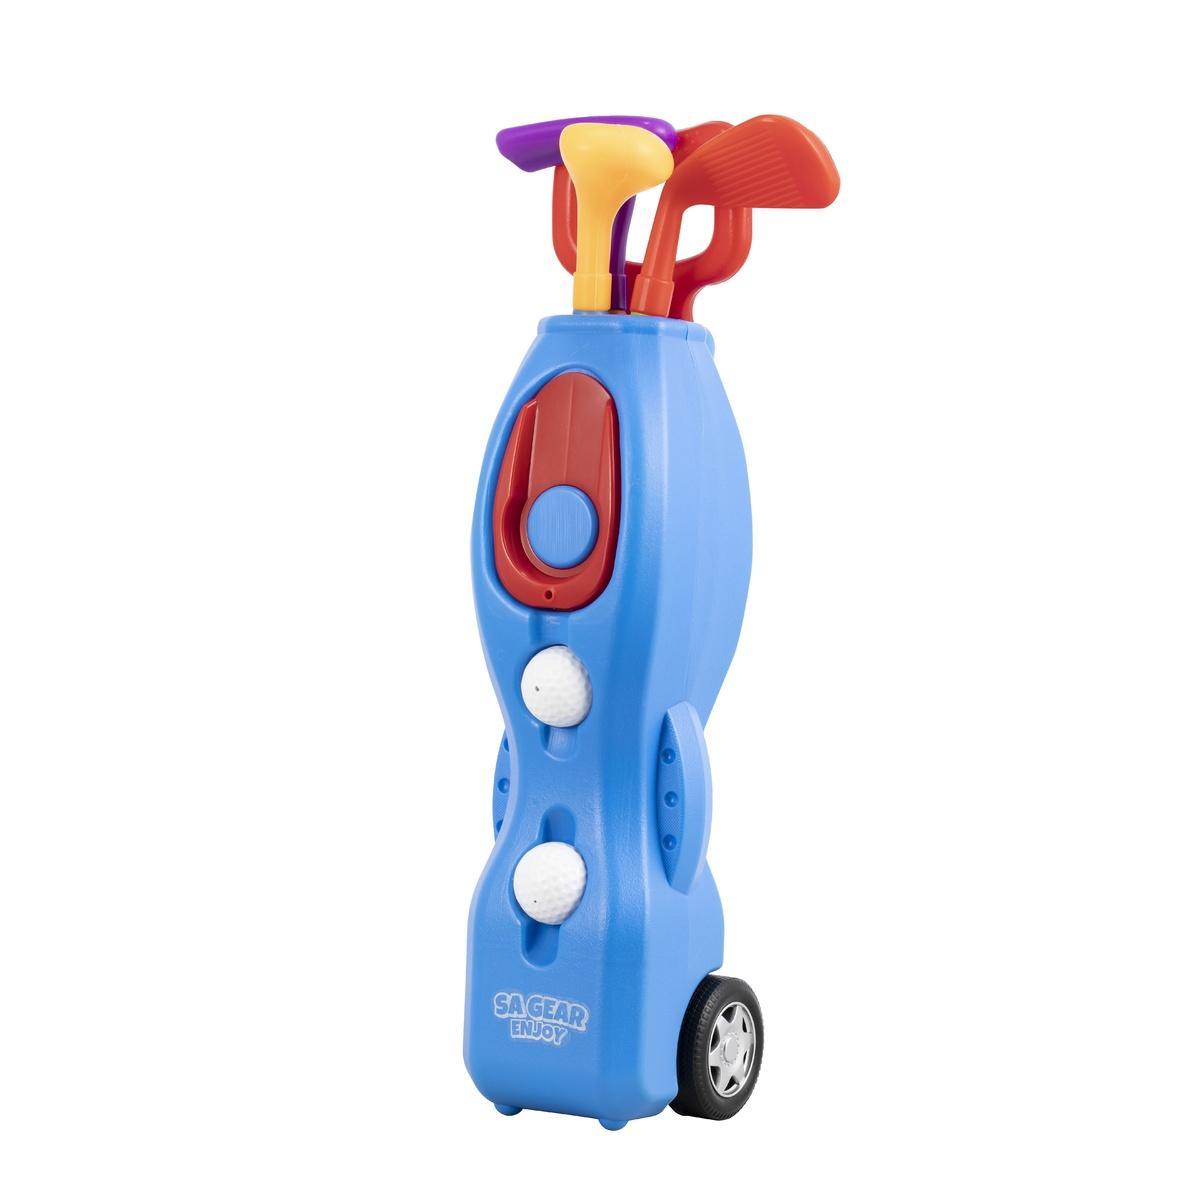 エスエーギア その他競技 メーカー在庫限り品 体育器具 インドアゲーム s.a.gear SA-Y19-003-080 ゴルフセット 割引も実施中